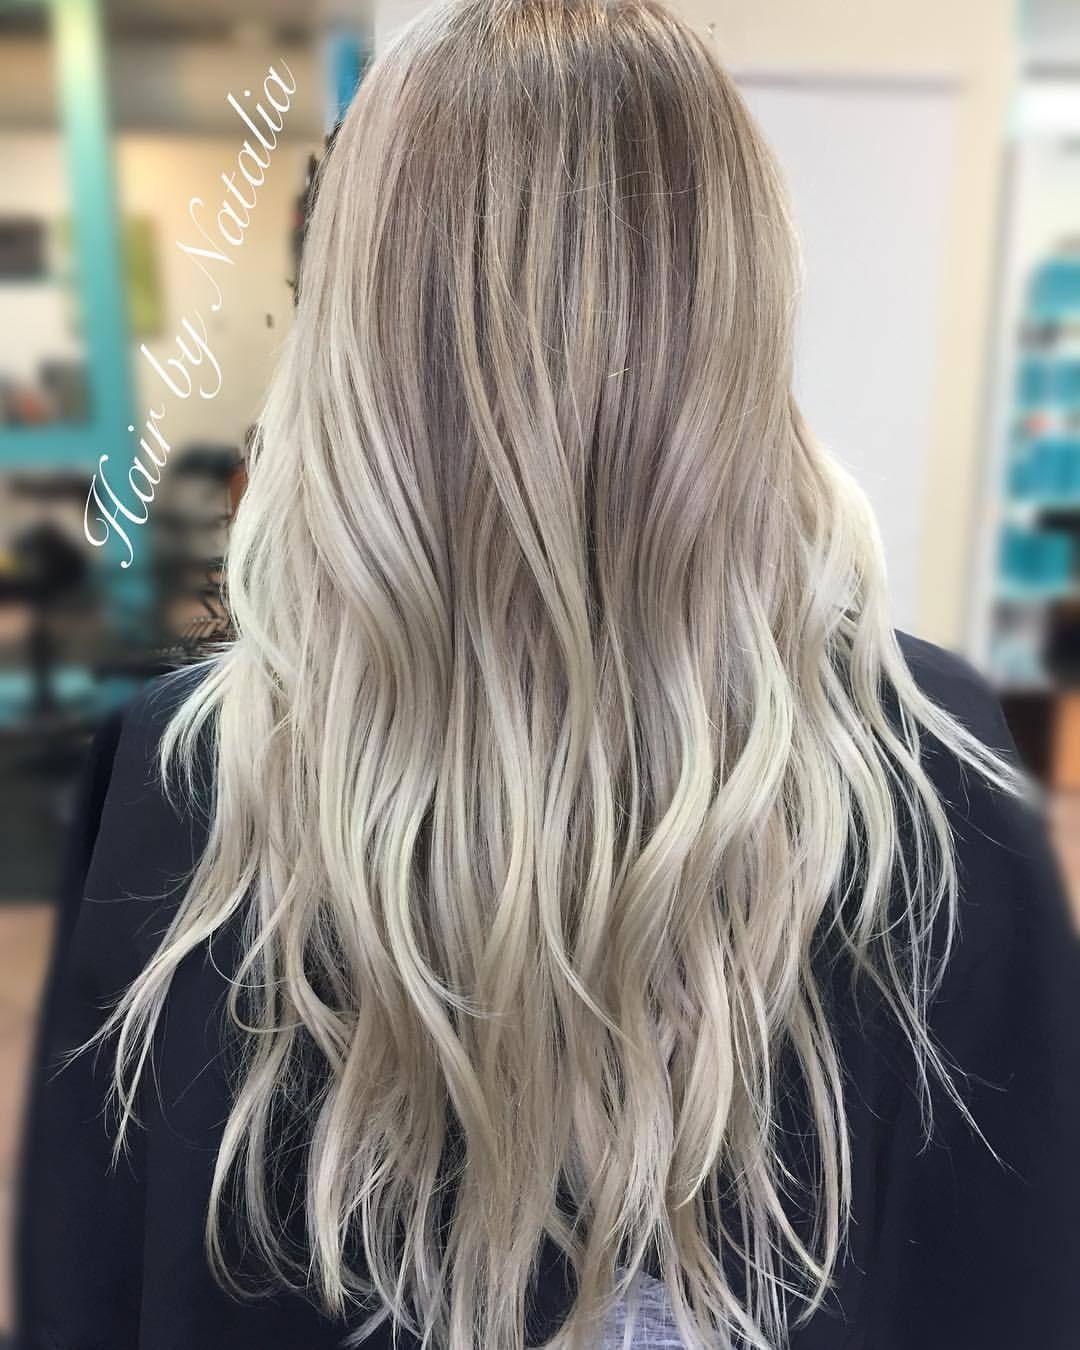 Ashy blonde balayage rooted blonde balayagedenver denverhair